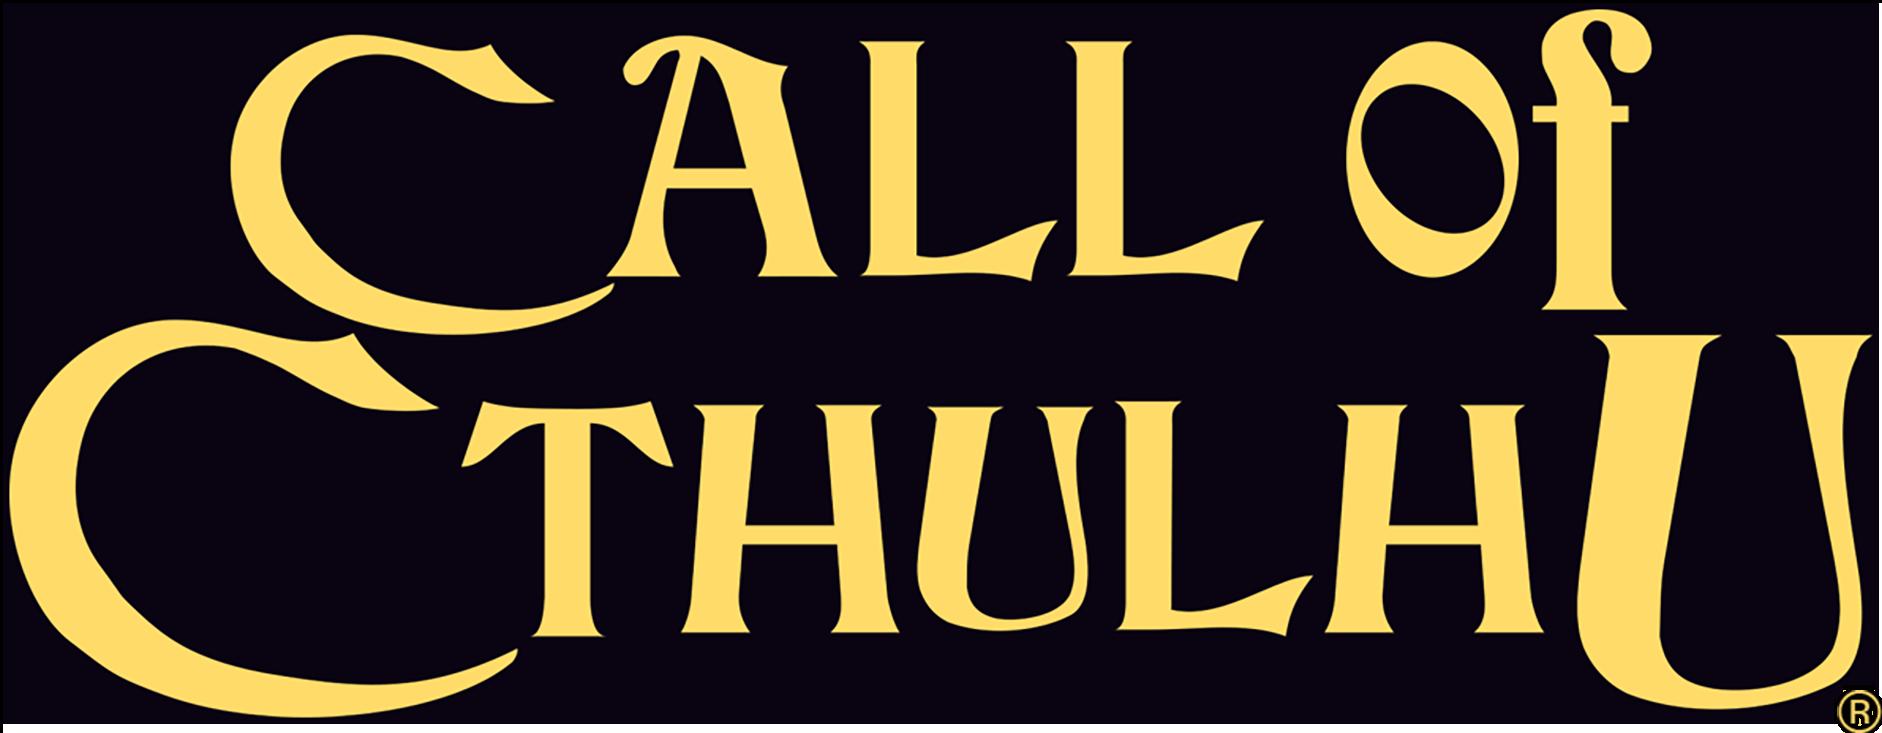 call of cthulhu logo gold 300 dpi EnGarde - Vaidmenų Žaidimai